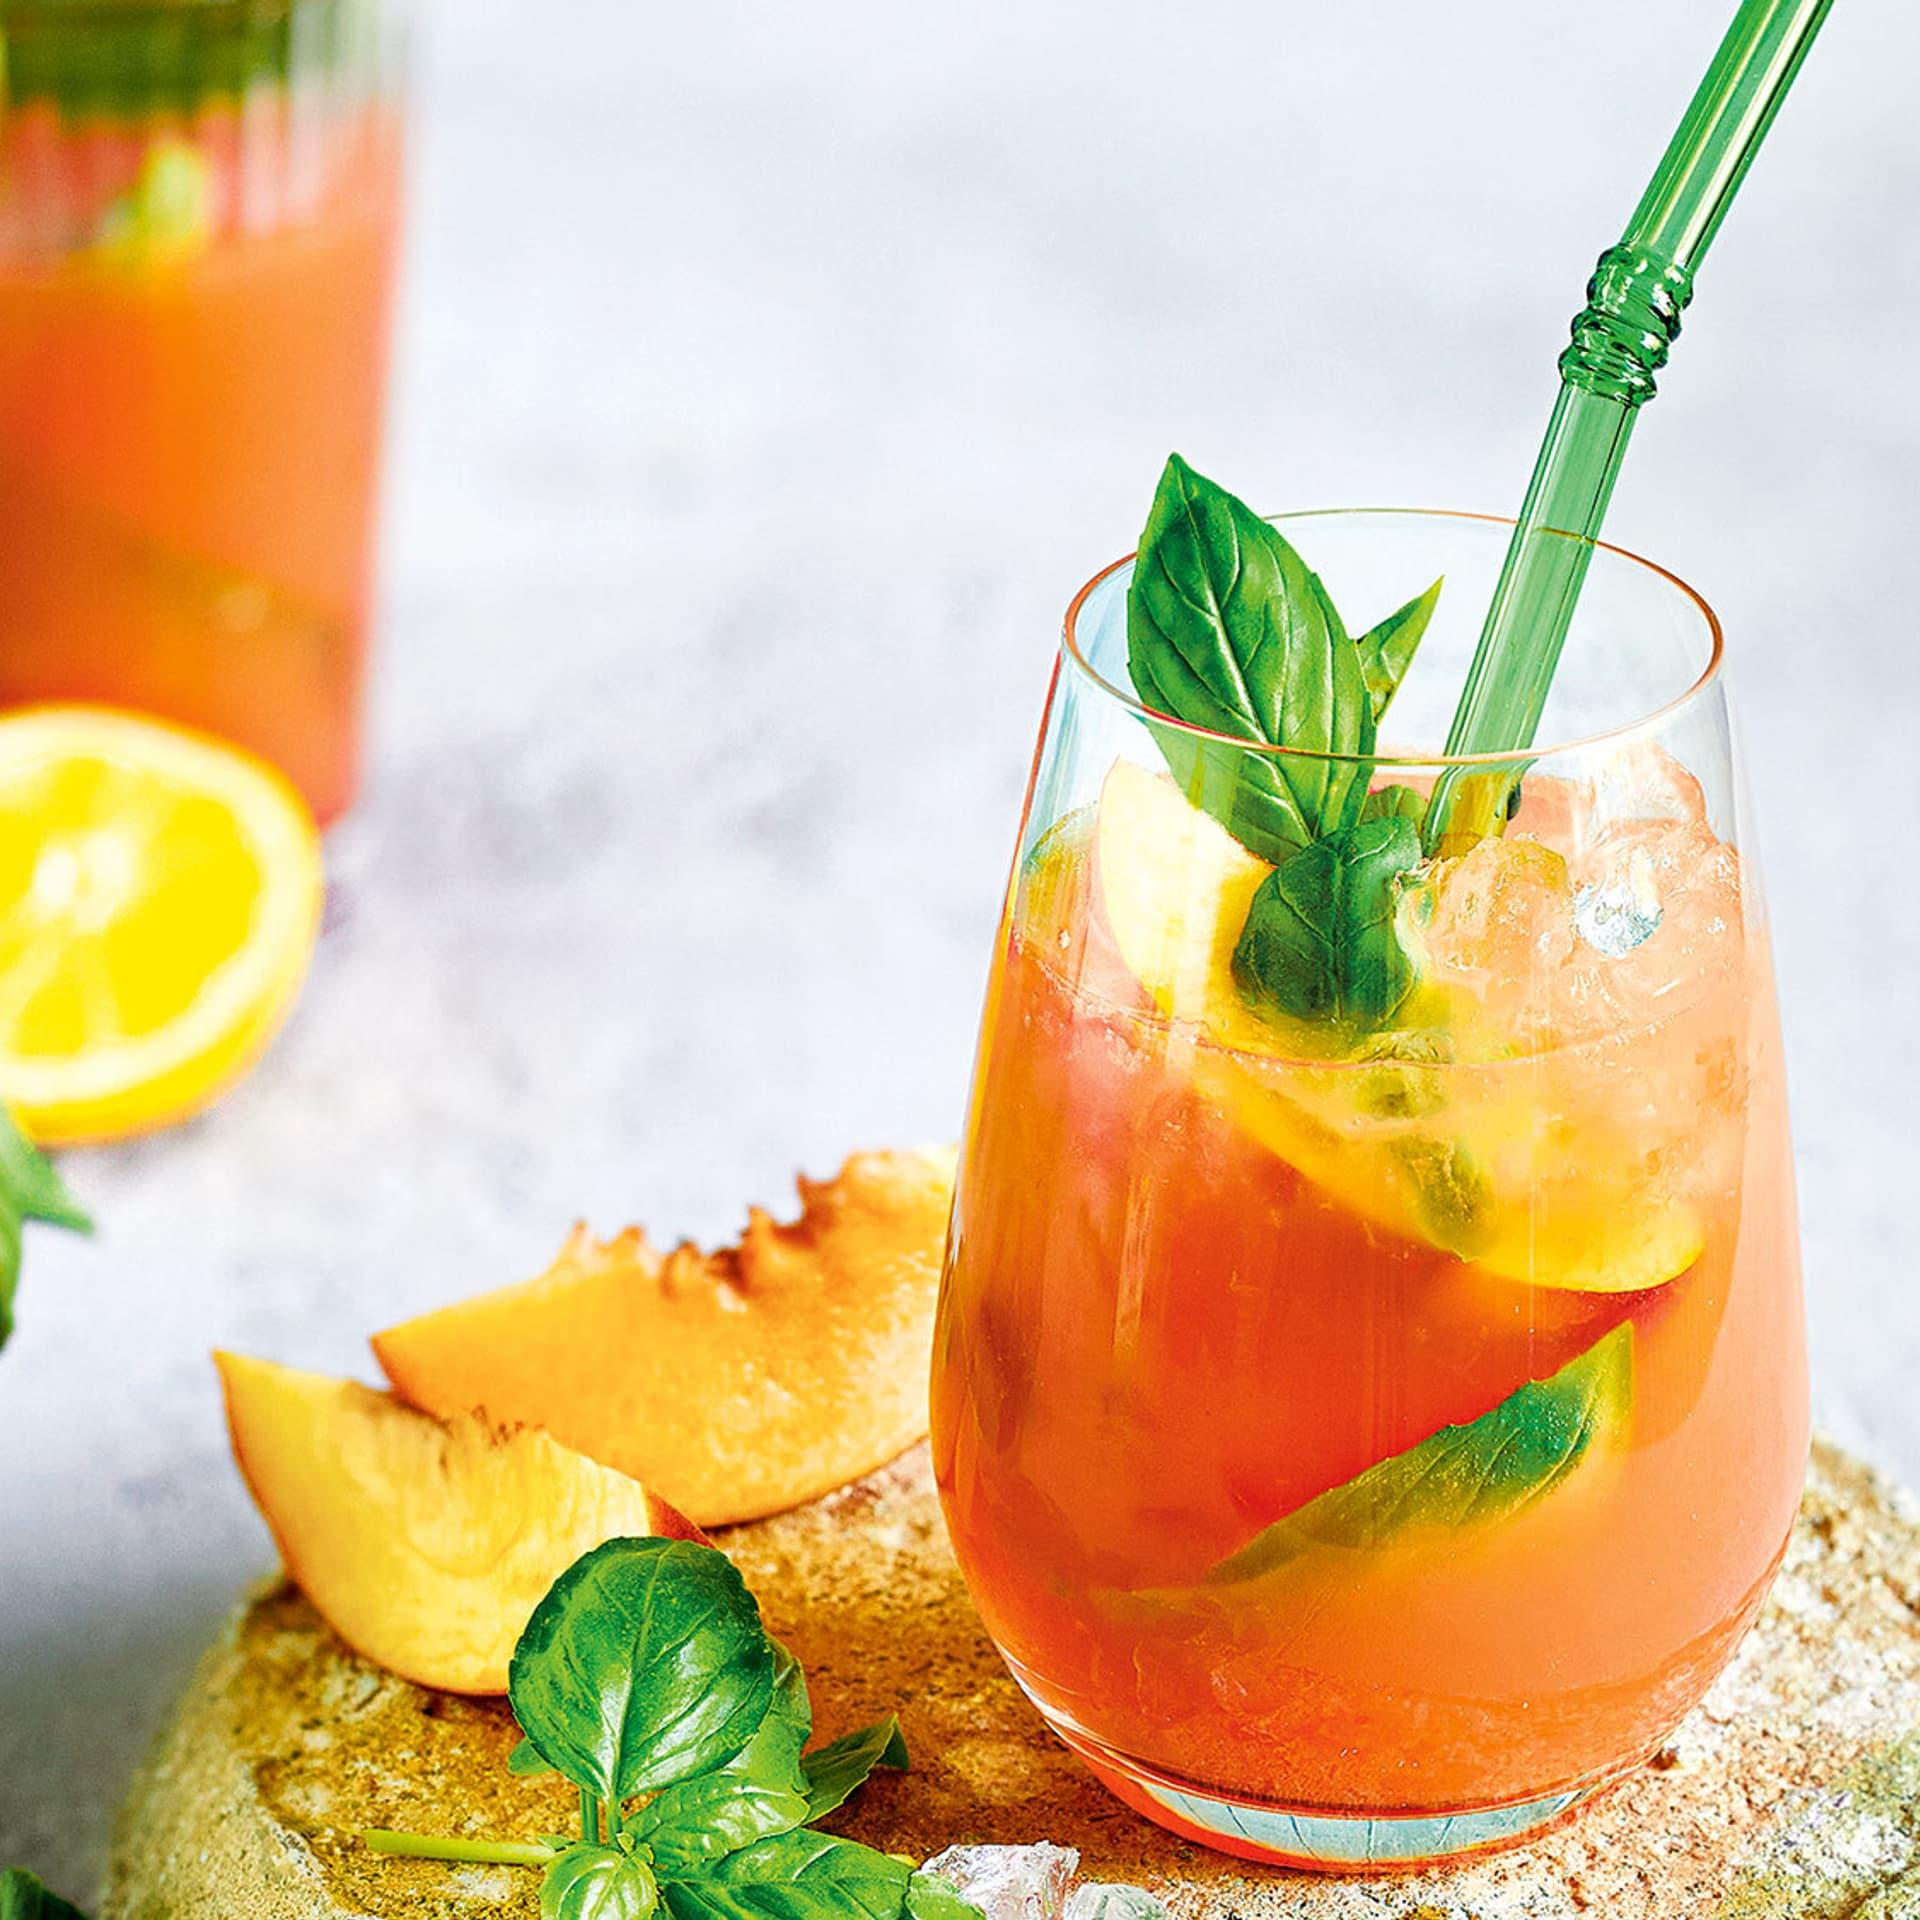 Glas mit orangenfarbenem Cocktail, garniert mit Basilikum, mit grünem Trinkhalm